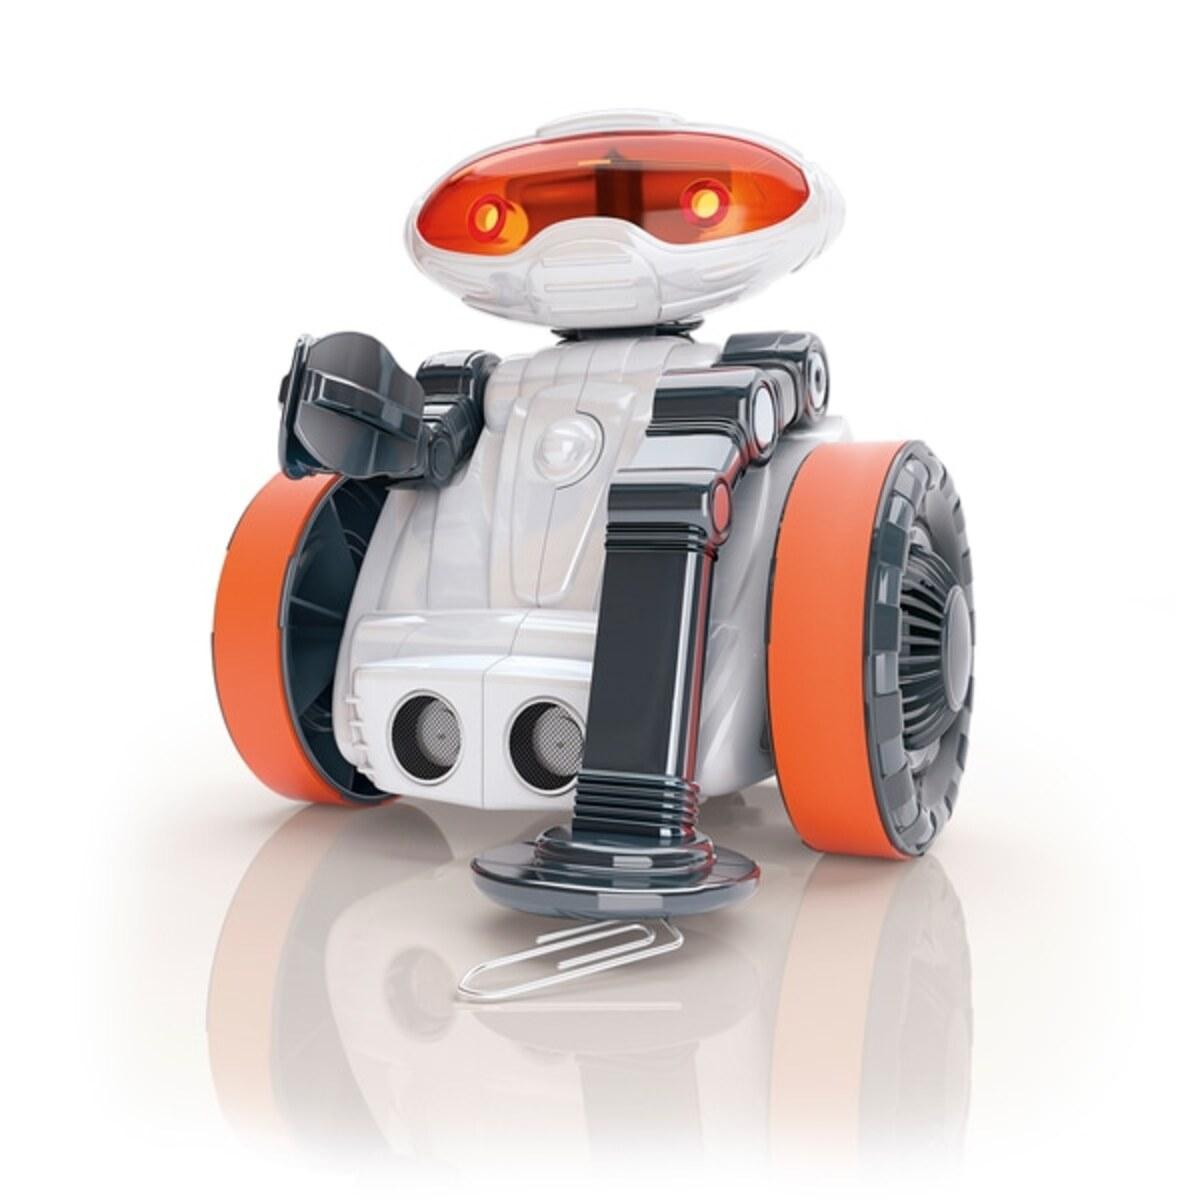 Bild 2 von Galileo Technologic - Mein Roboter MC 4.0